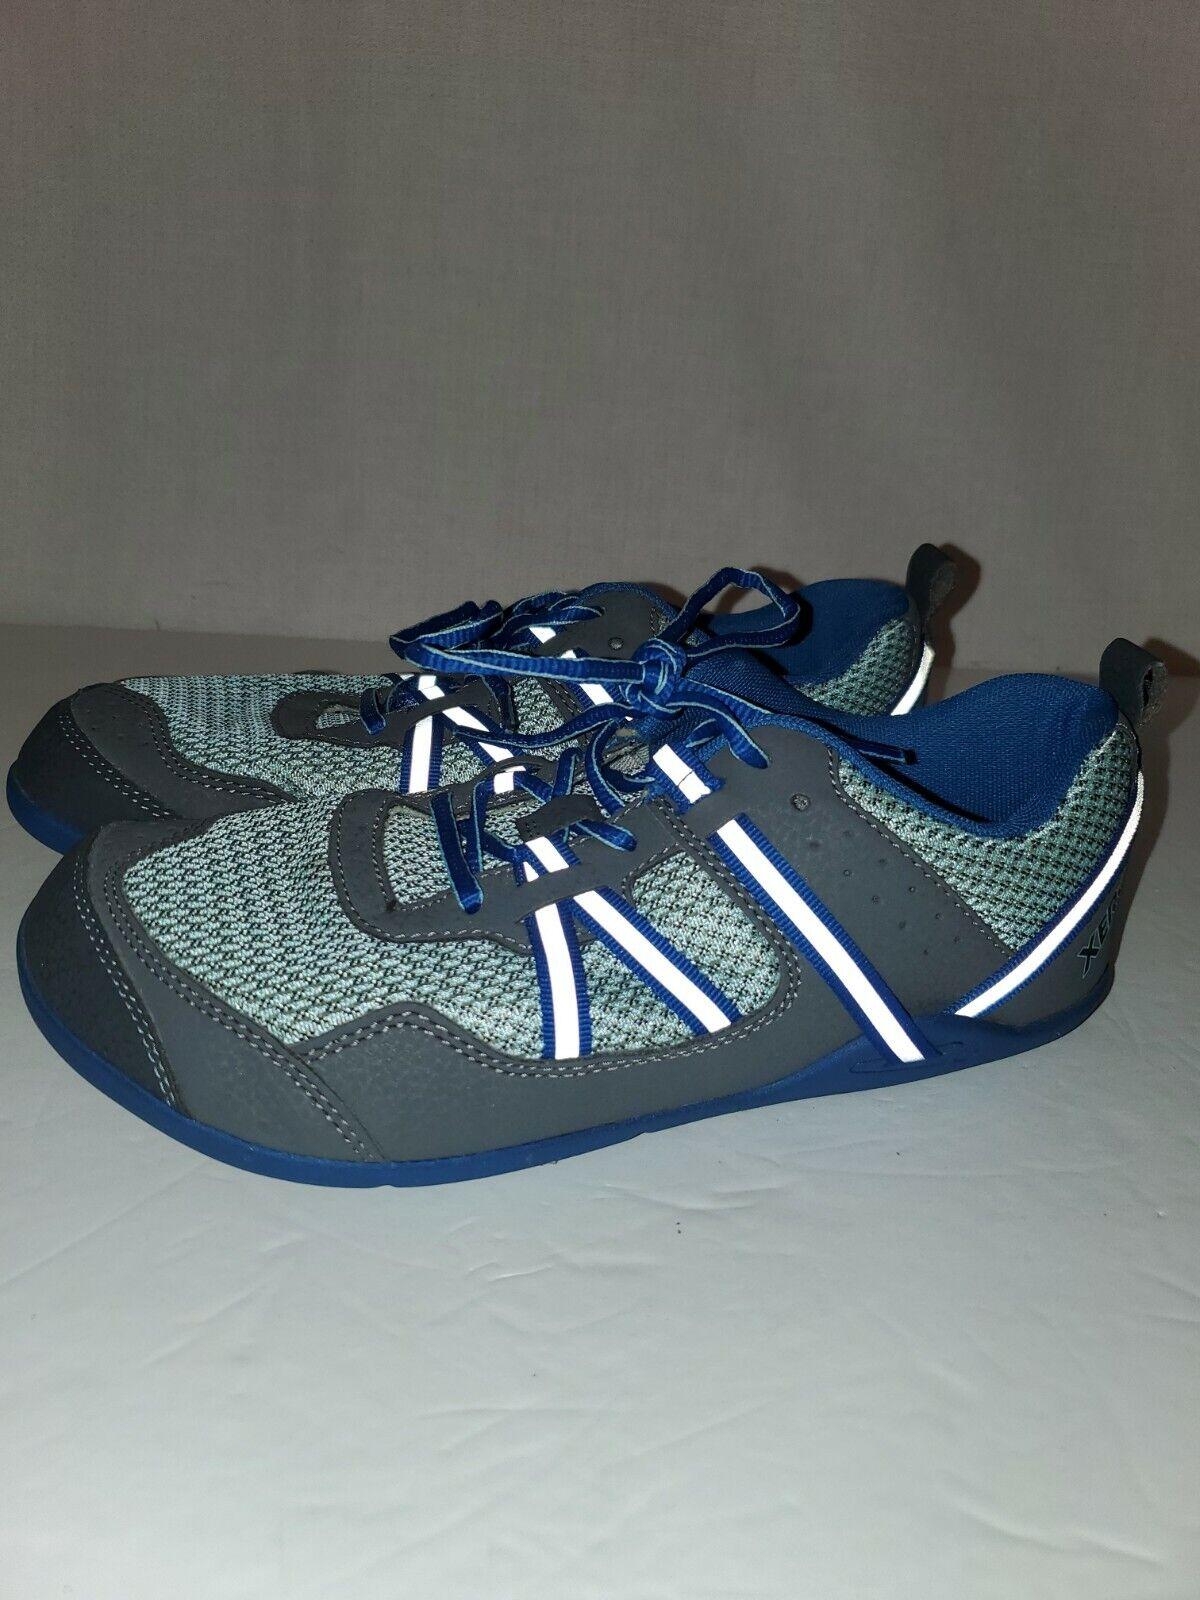 xero shoes prio купить на eBay в